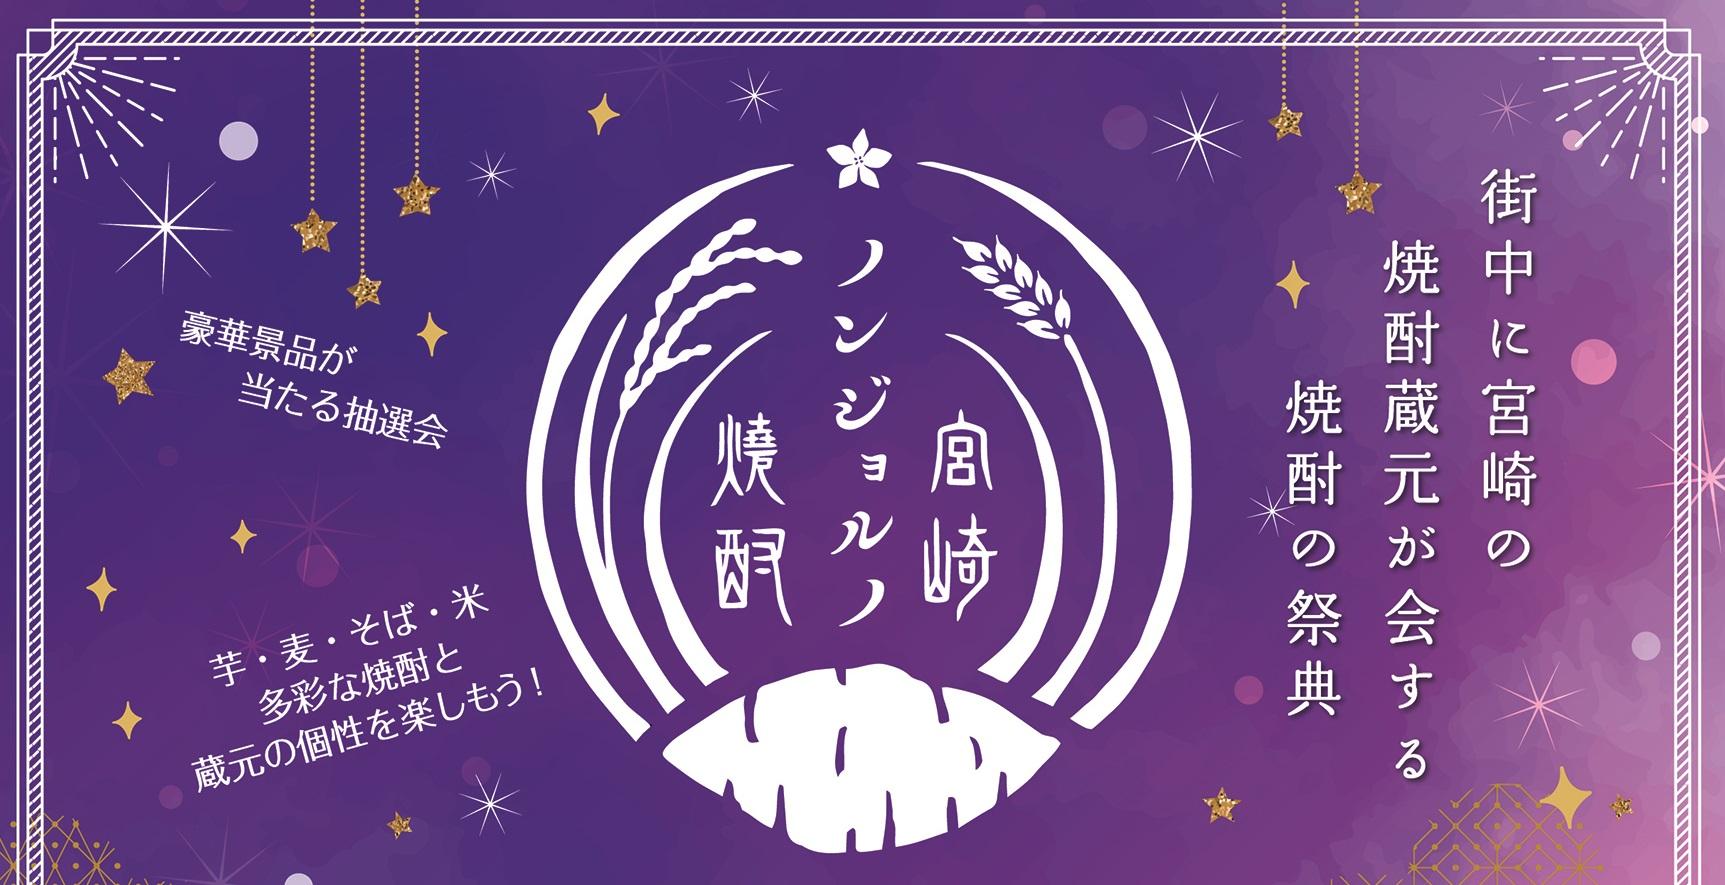 1ノンジョルノ宮崎2019